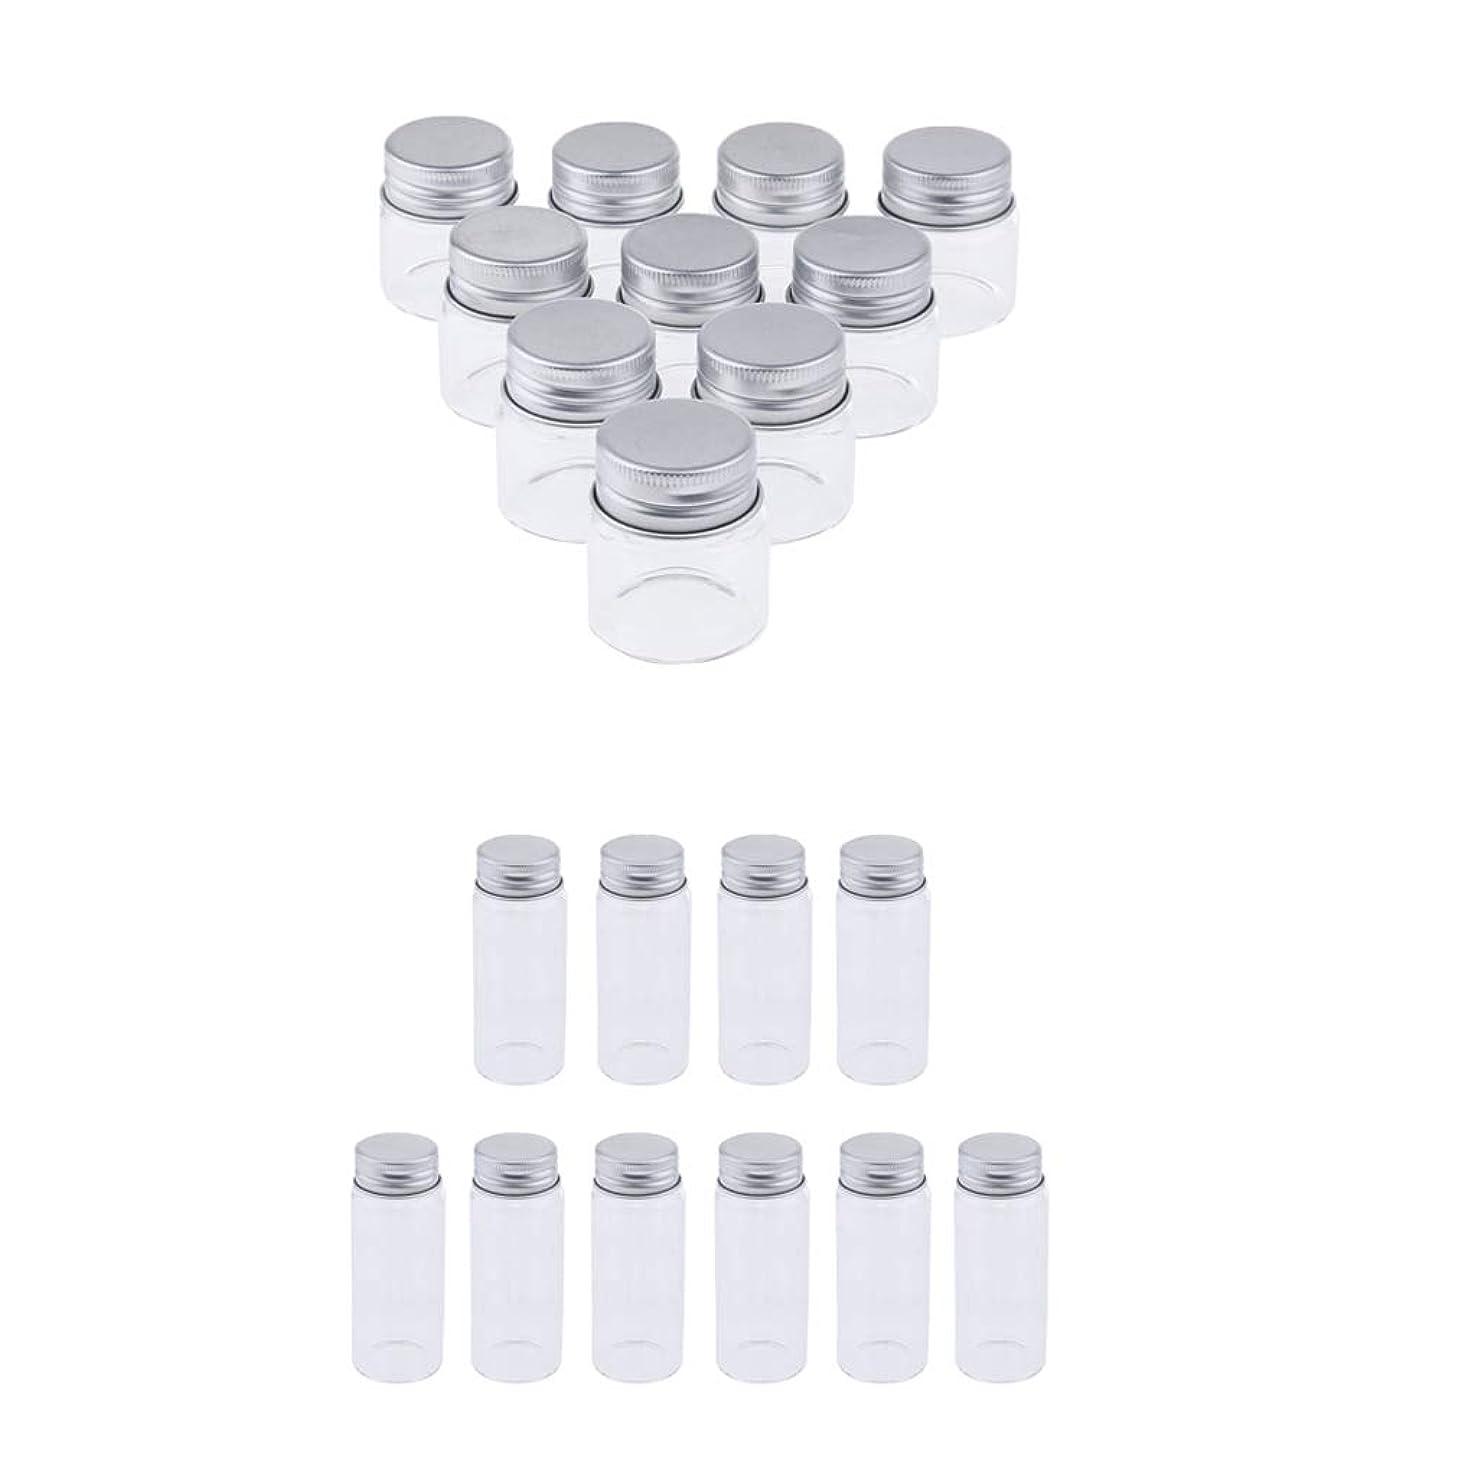 科学的取得するフェデレーションP Prettyia 詰替ボトル 小分け容器 化粧品ボトル ガラスボトル ガラス瓶 アルミキャップ付 約20個入り